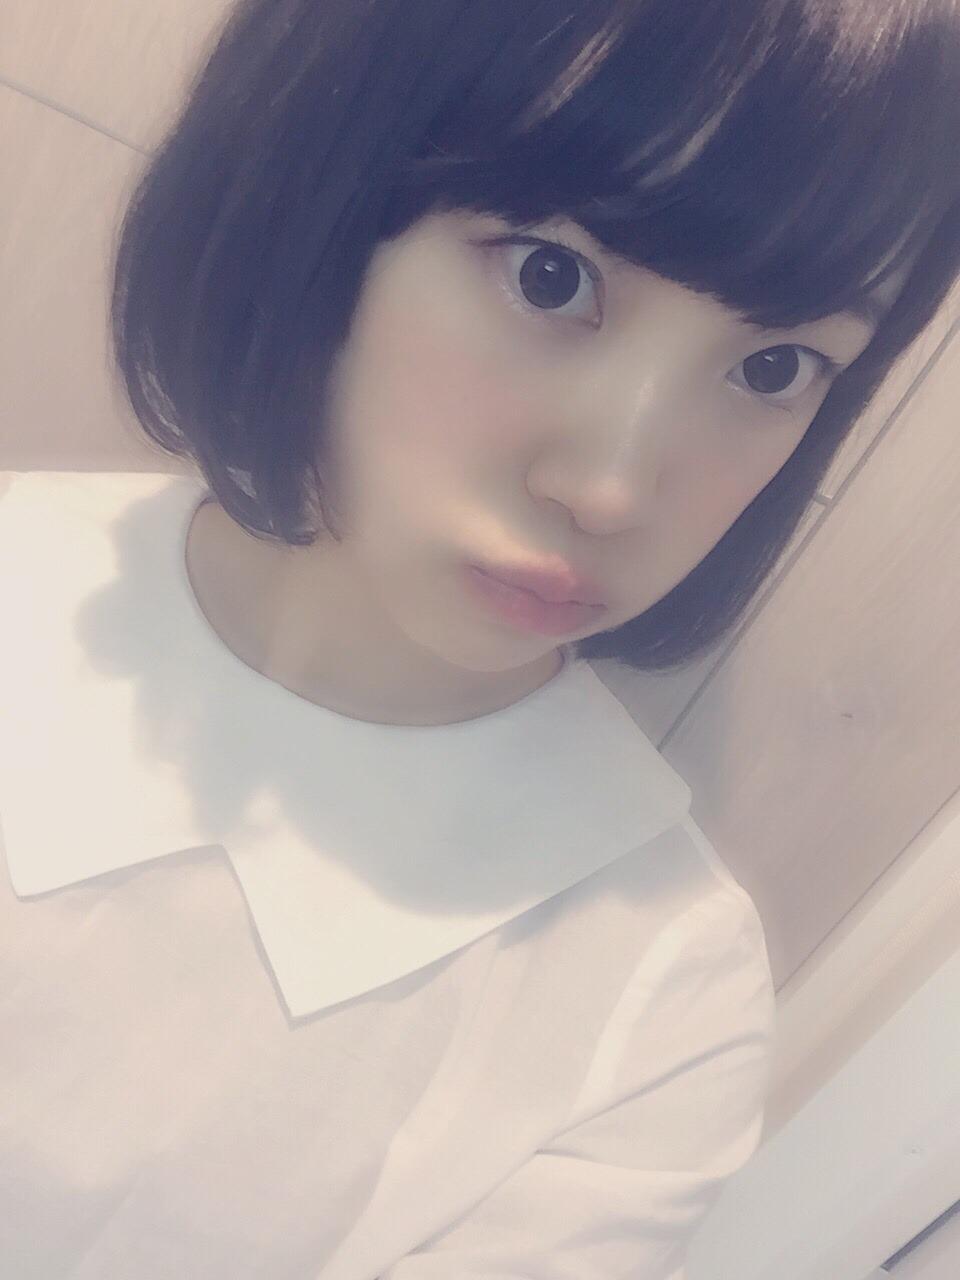 乃木坂46 堀未央奈 髪を切るショートボブ (10)